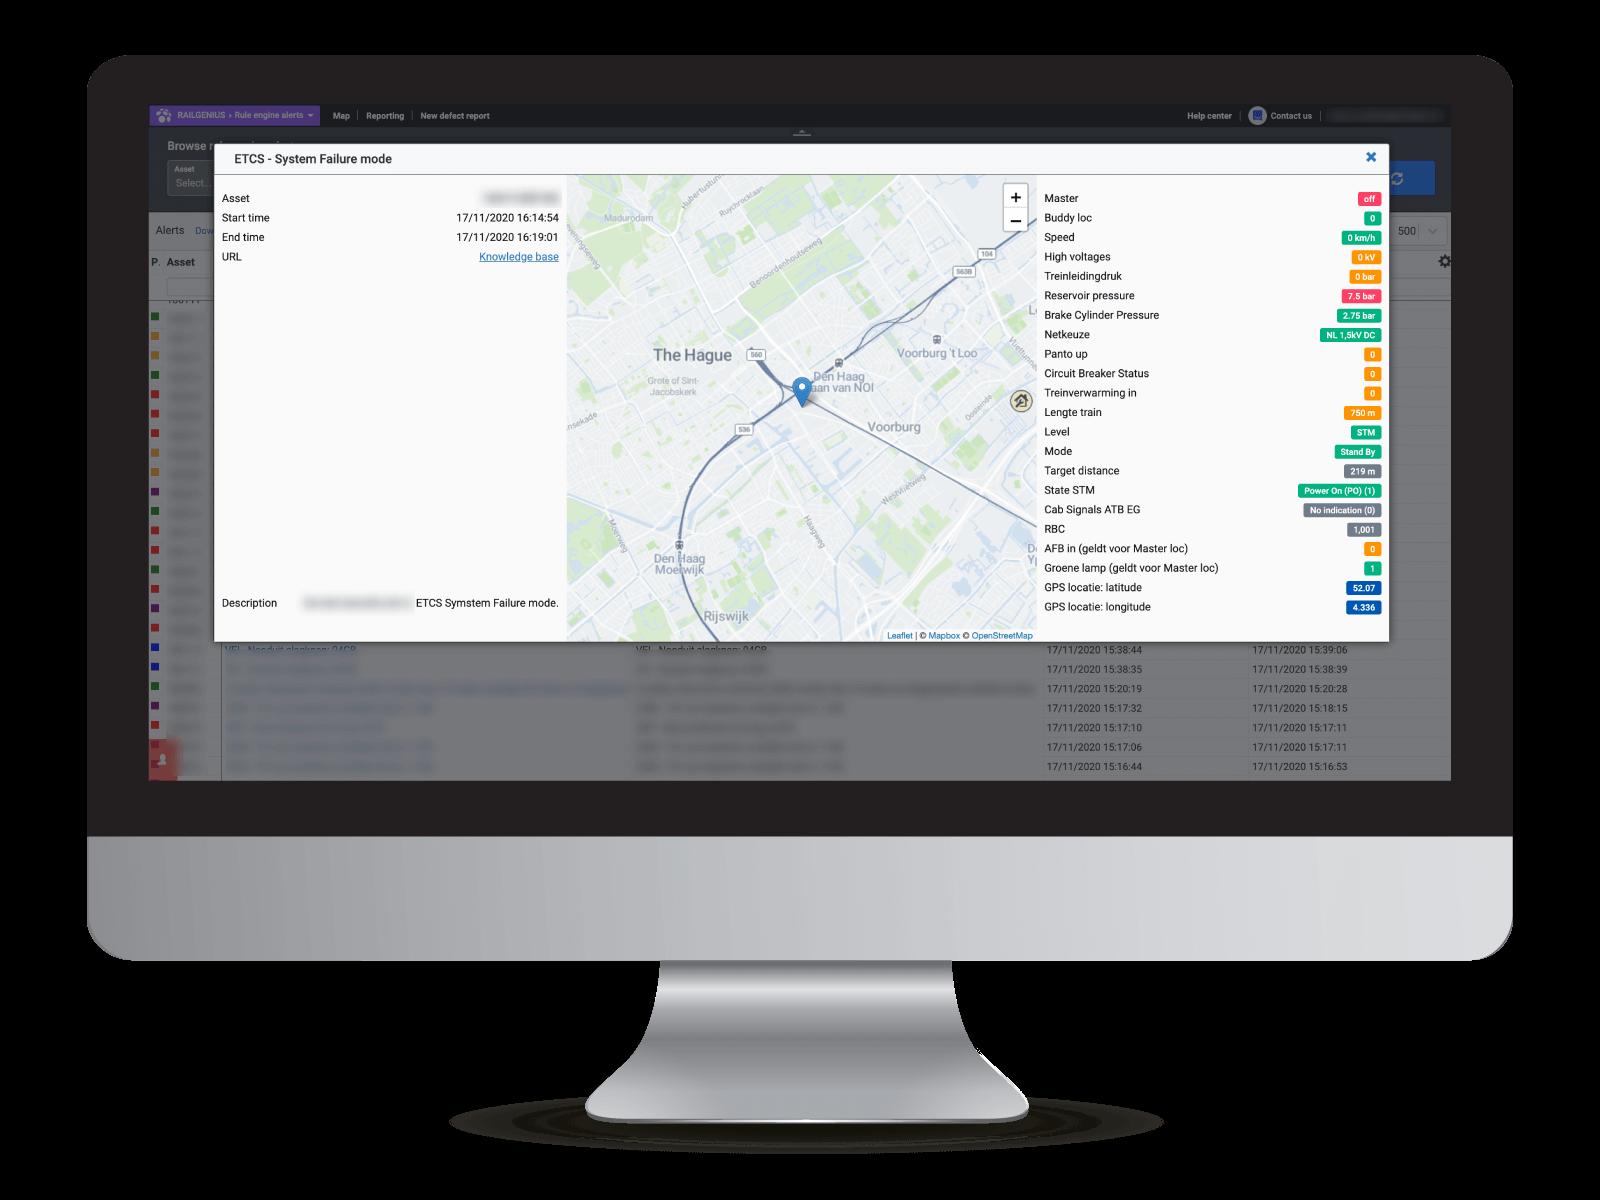 Railgenius monitoring alerts